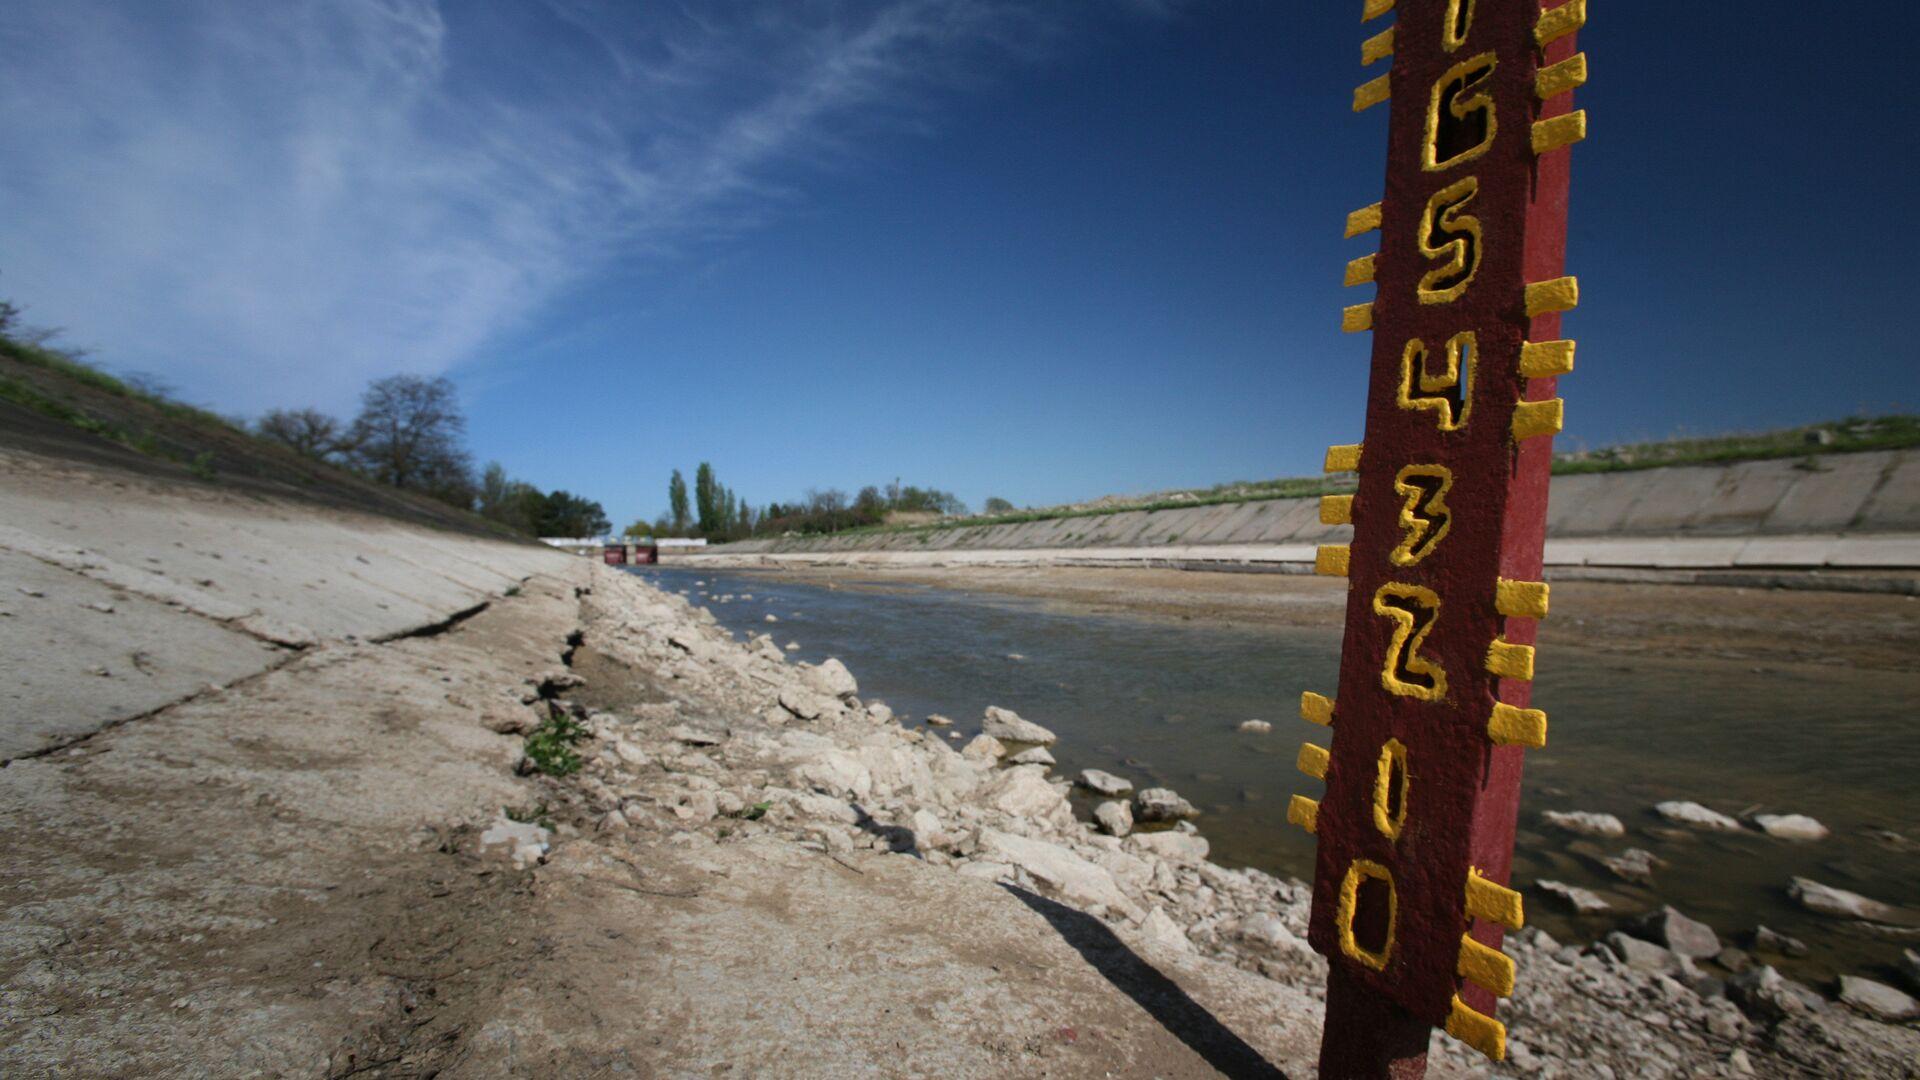 Мерные уровни, показывающие полное отсутствие воды в Северо-Крымском канале уже в 20 километрах от первой насосной станции. 27 апреля 2014 года - РИА Новости, 1920, 22.07.2021